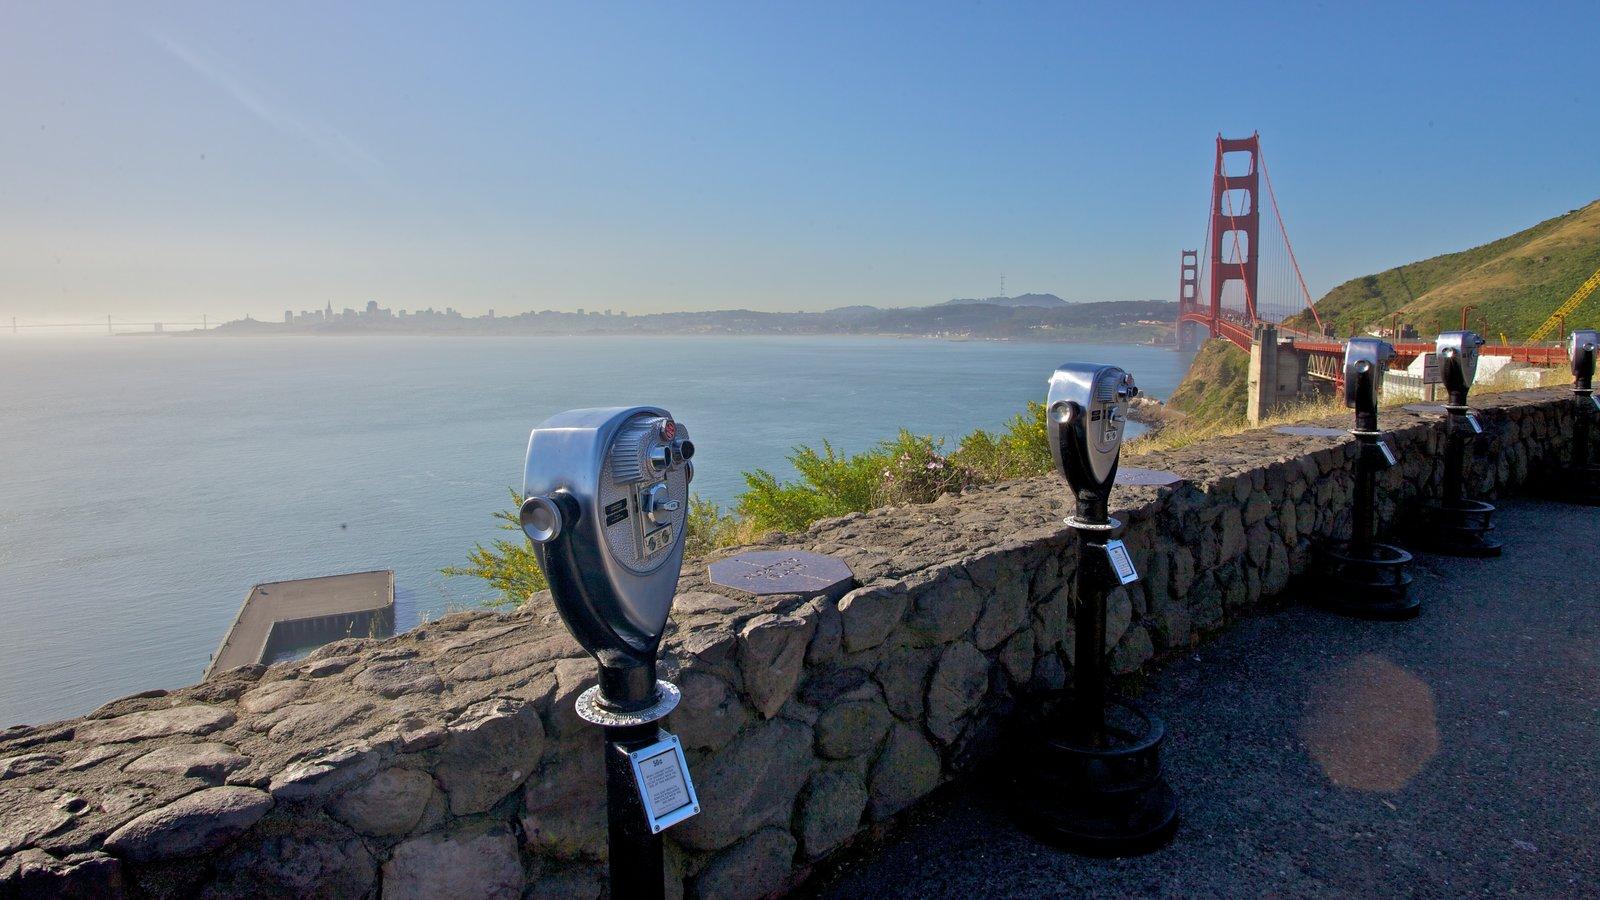 Golden Gate Bridge mostrando uma ponte suspensa ou passarela entre as árvores, paisagens e paisagem